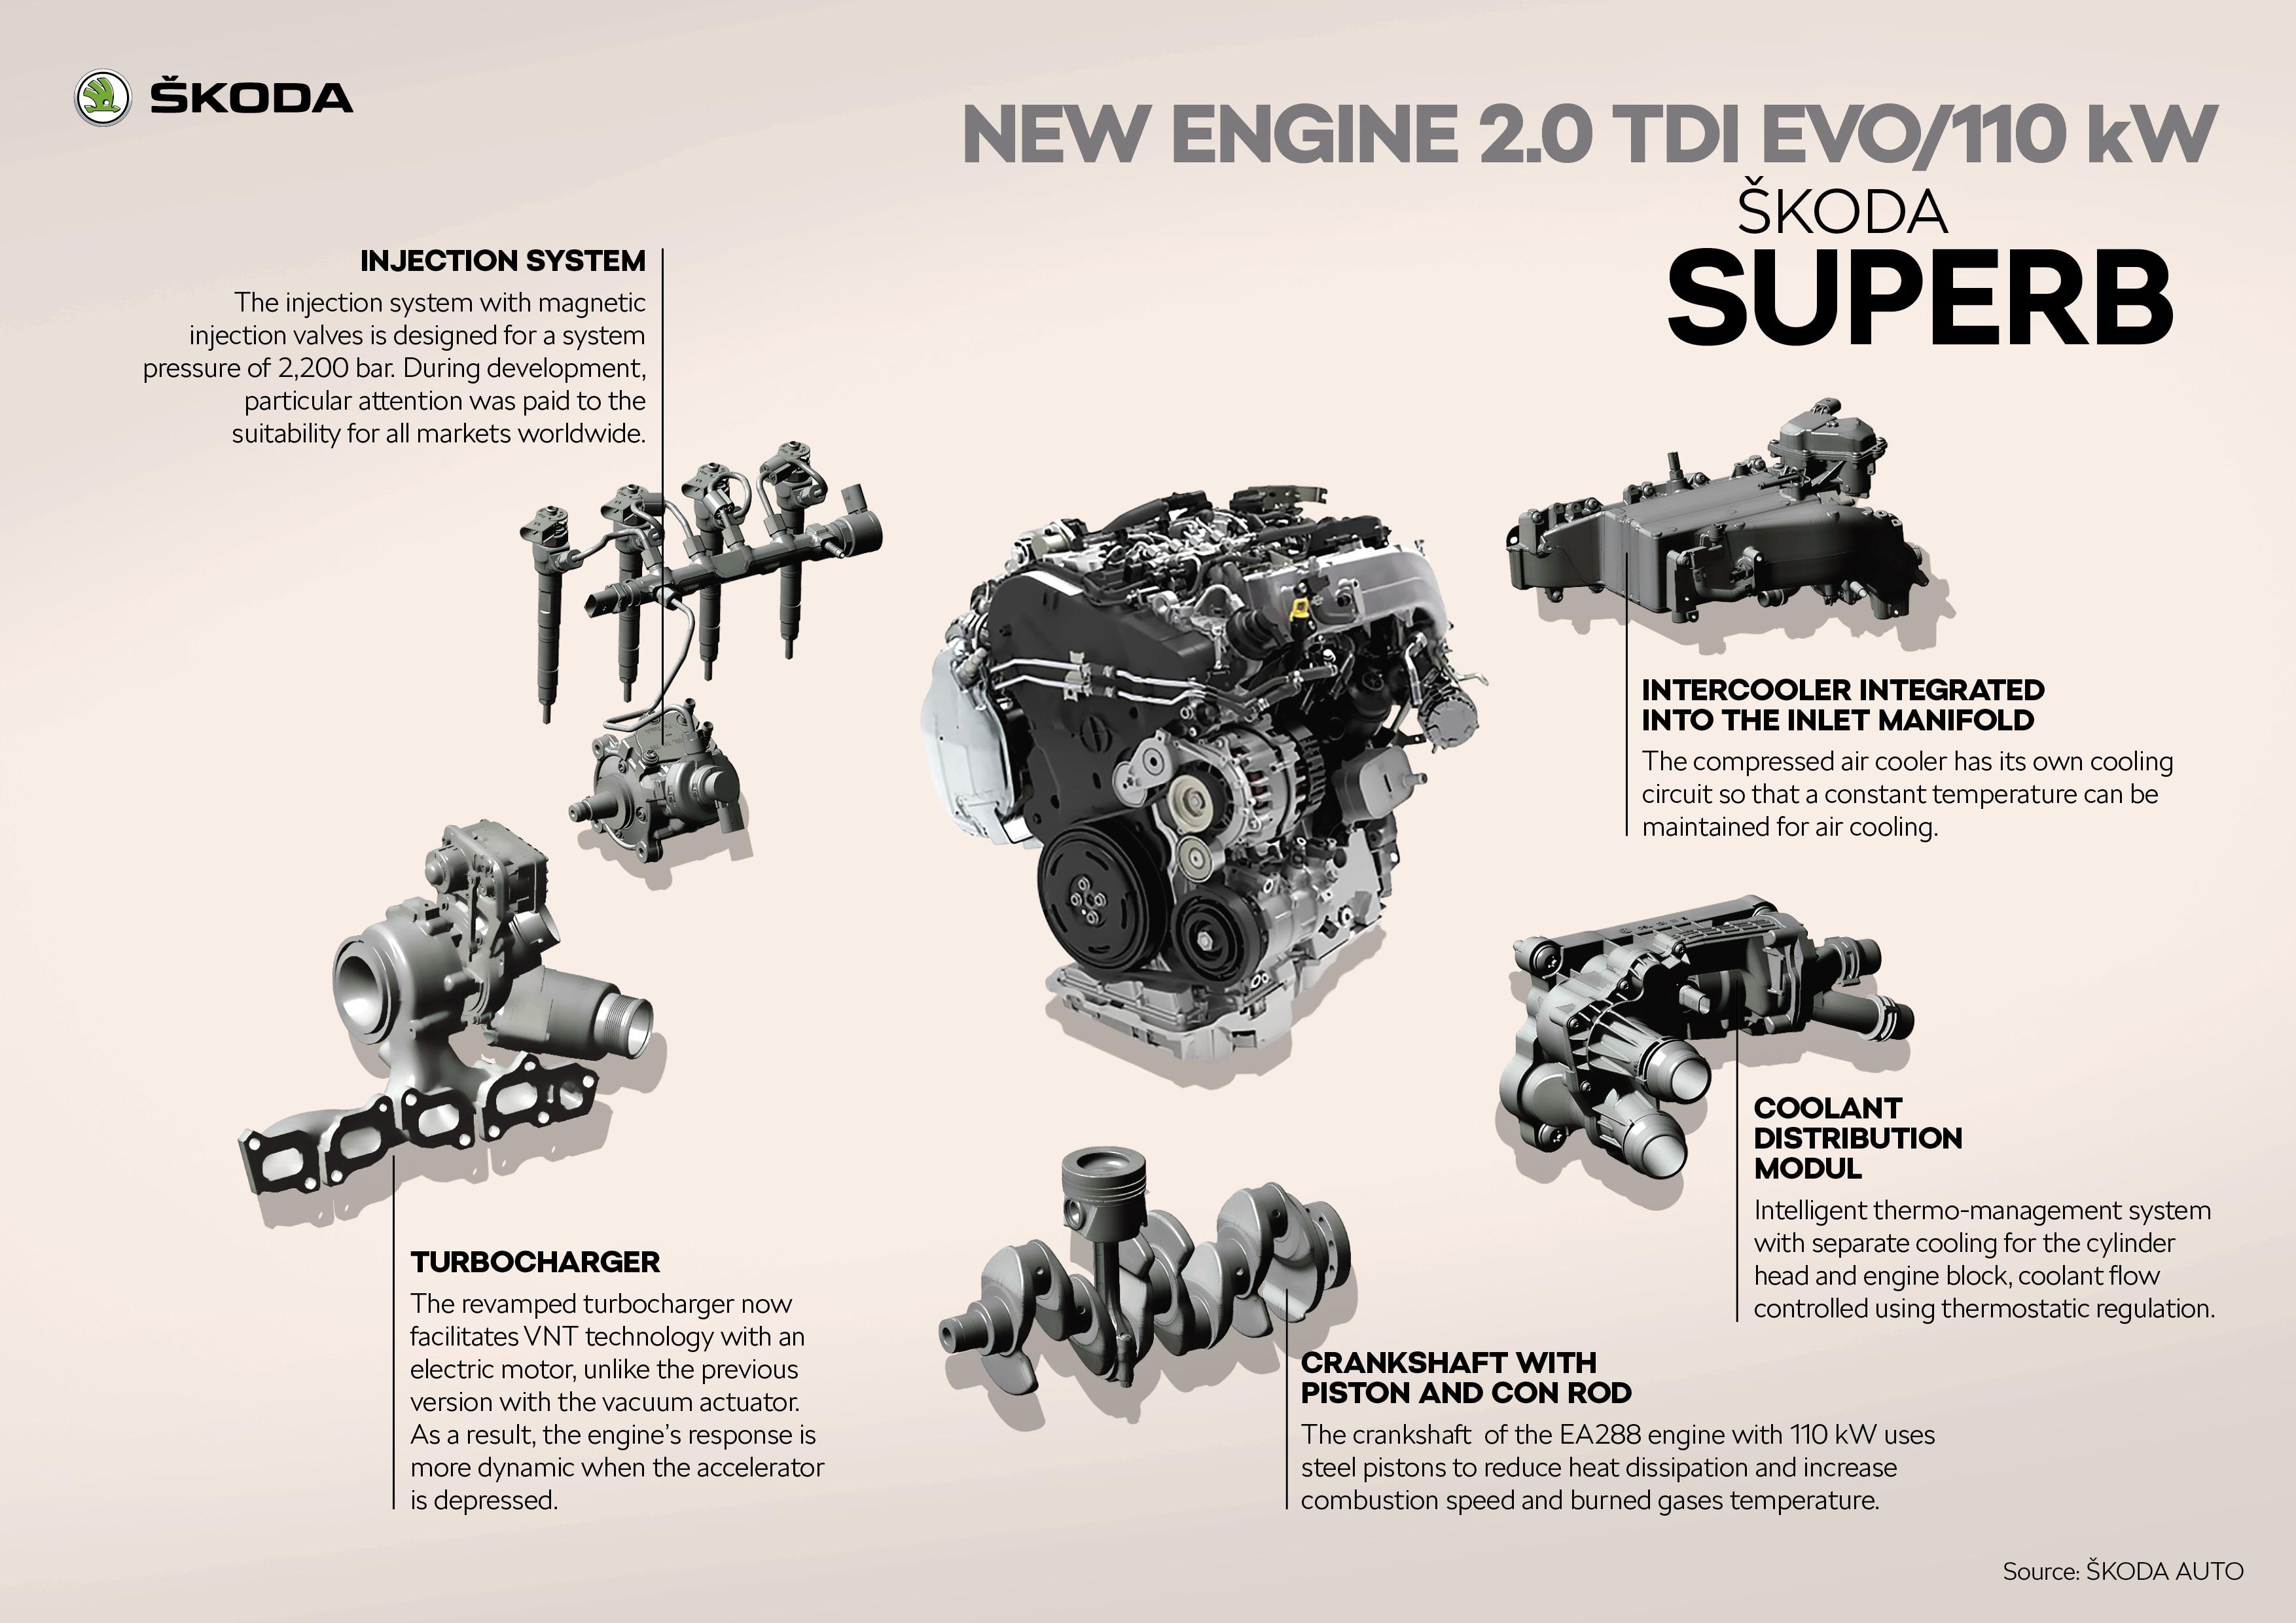 ŠKODA SUPERB New engine 110-kW 2.0 TDI EVO